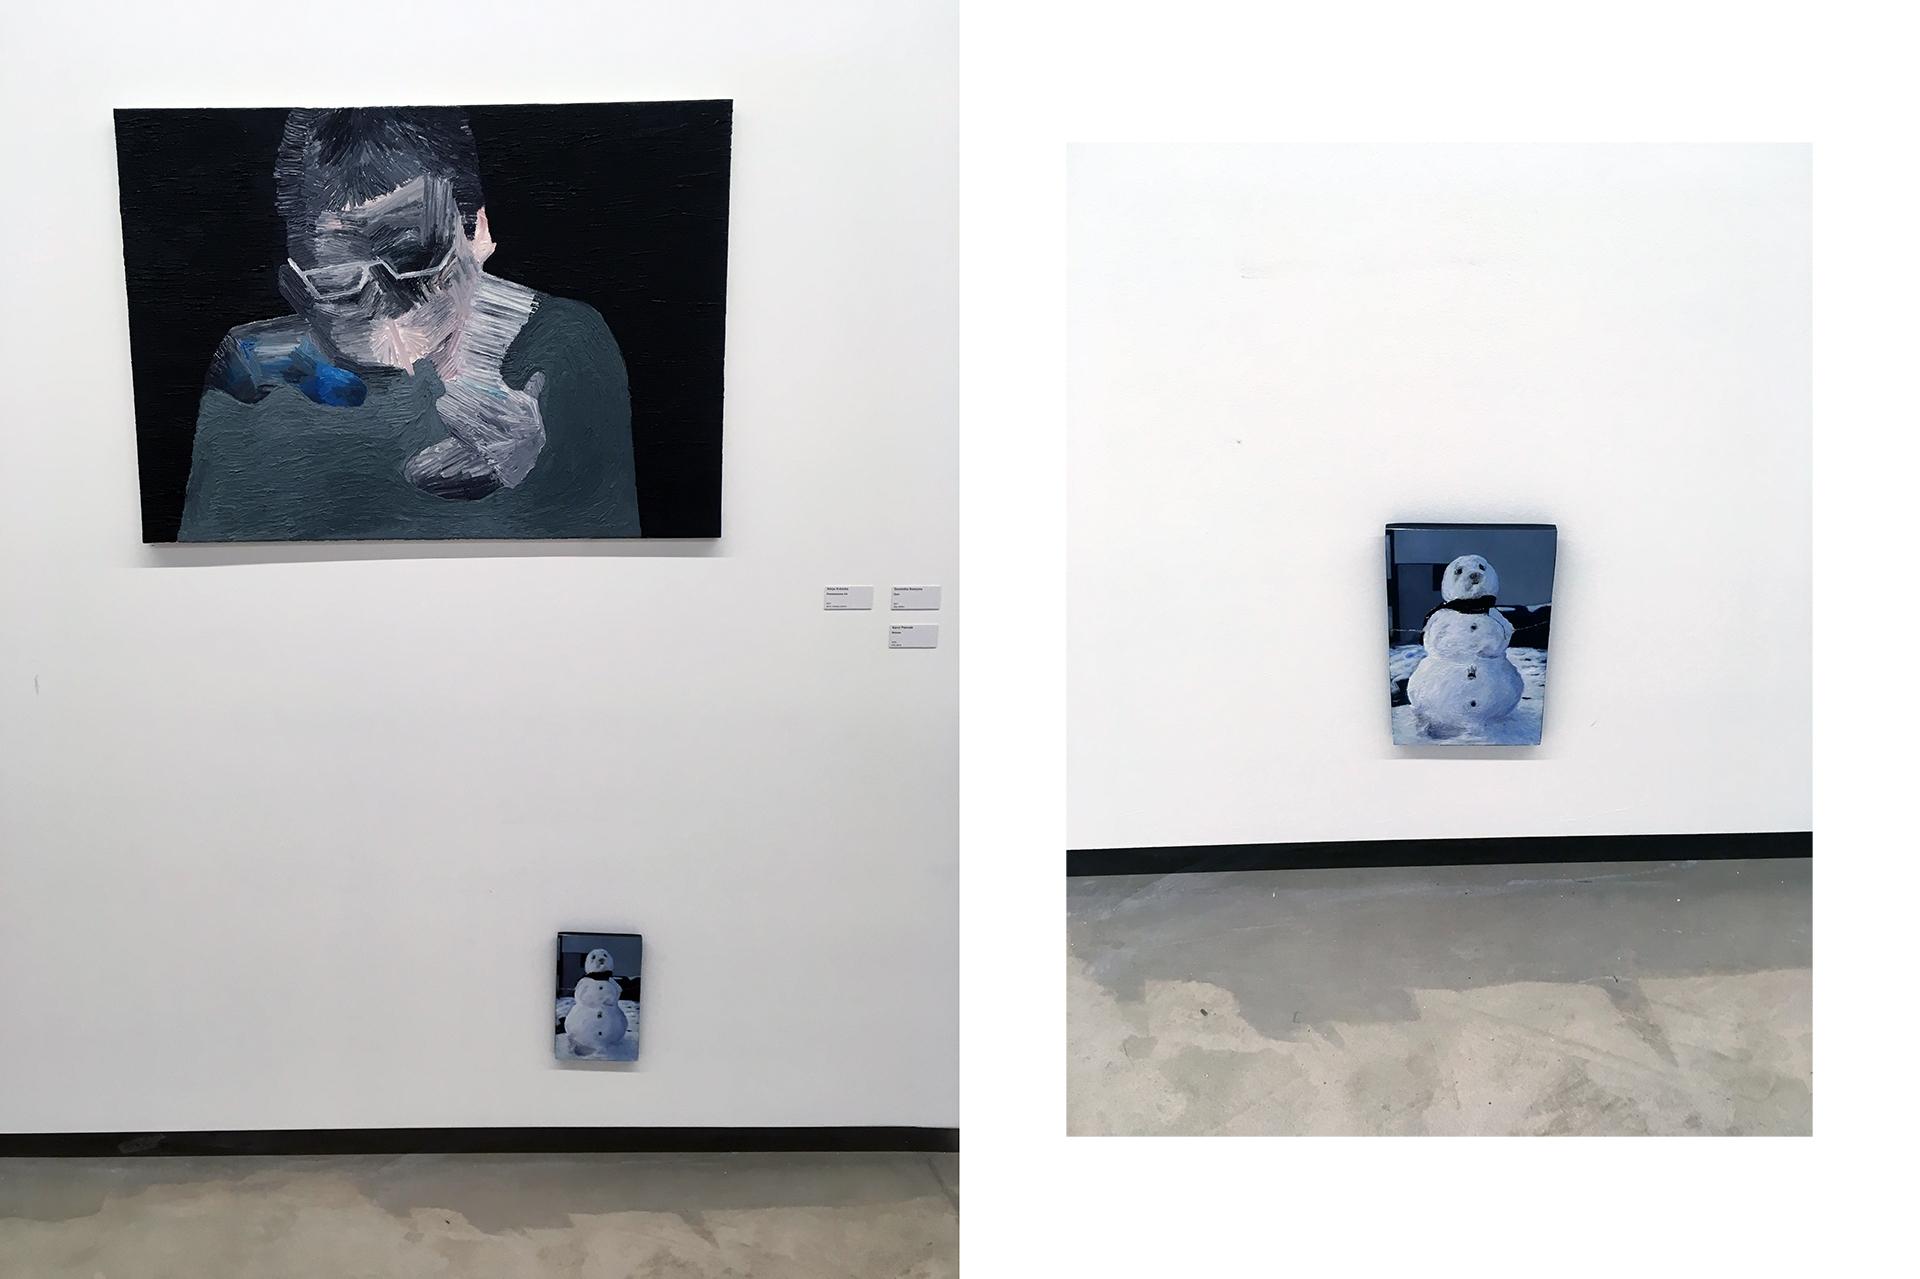 Zdjęcie przedstawia dwa obrazy zawieszone na białej ścianie galerii sztuki.